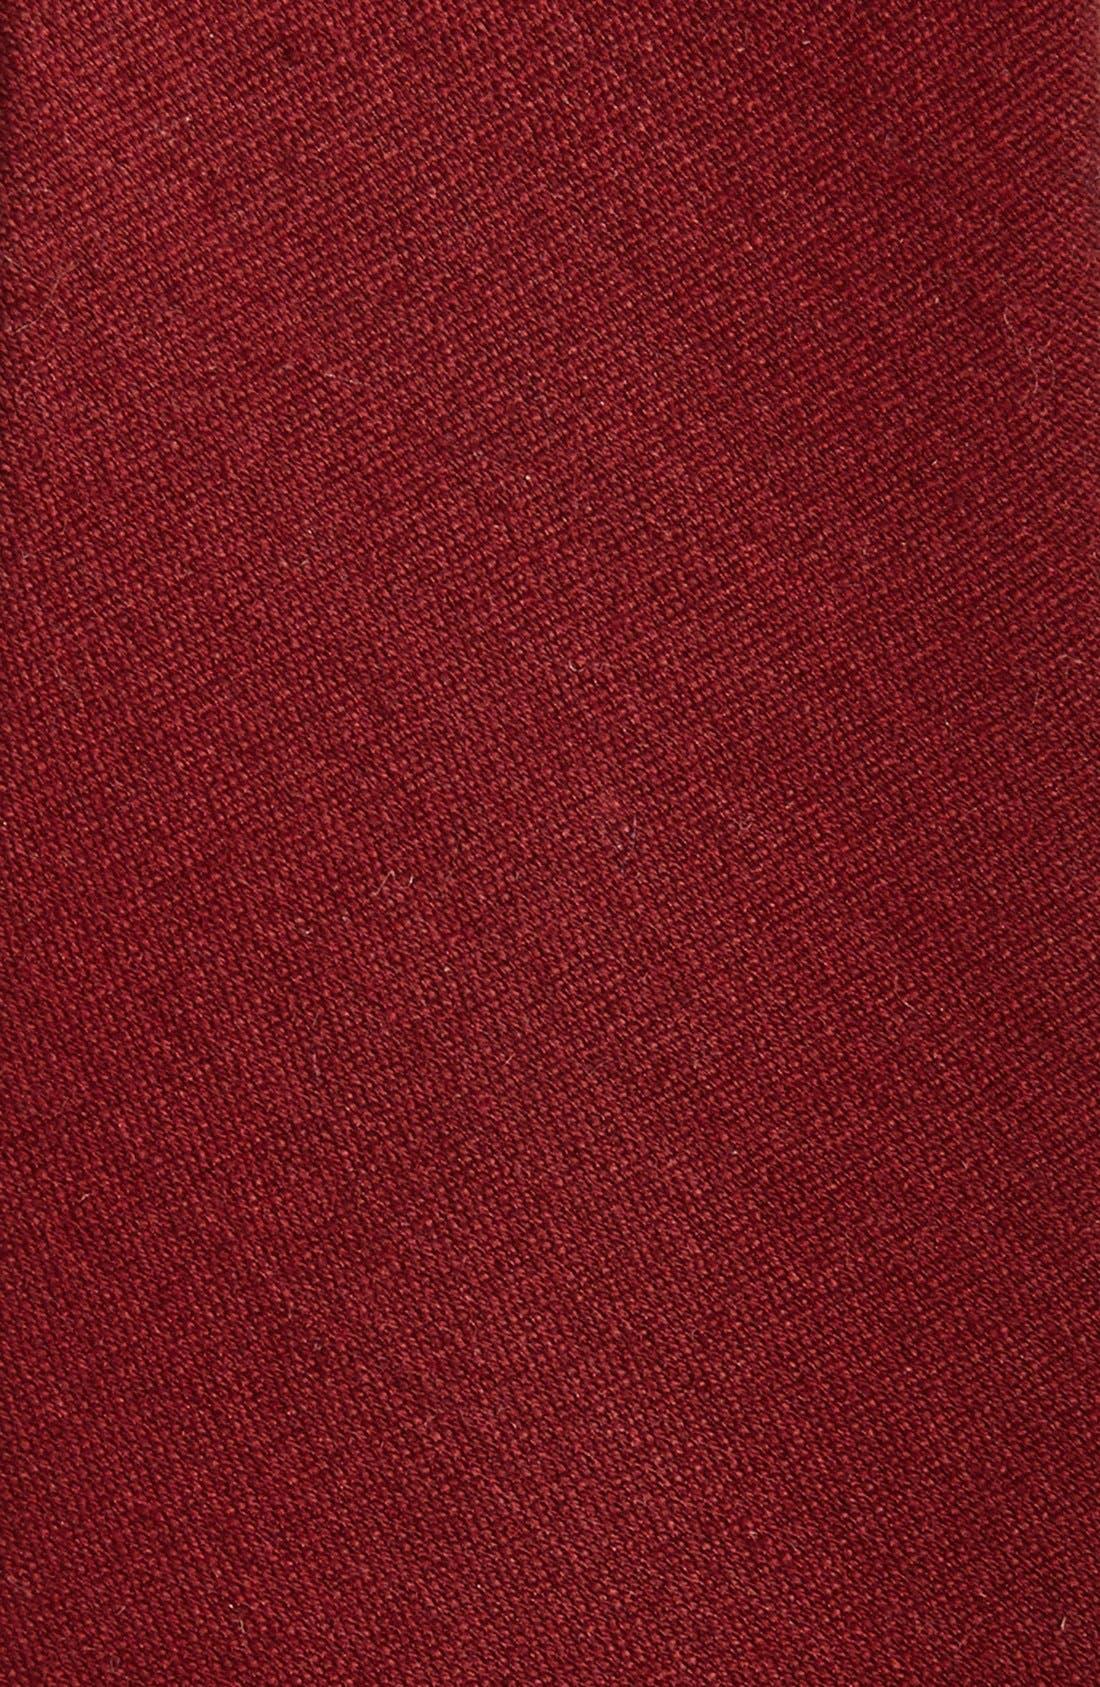 Alternate Image 2  - The Tie Bar Wool & Silk Solid Tie